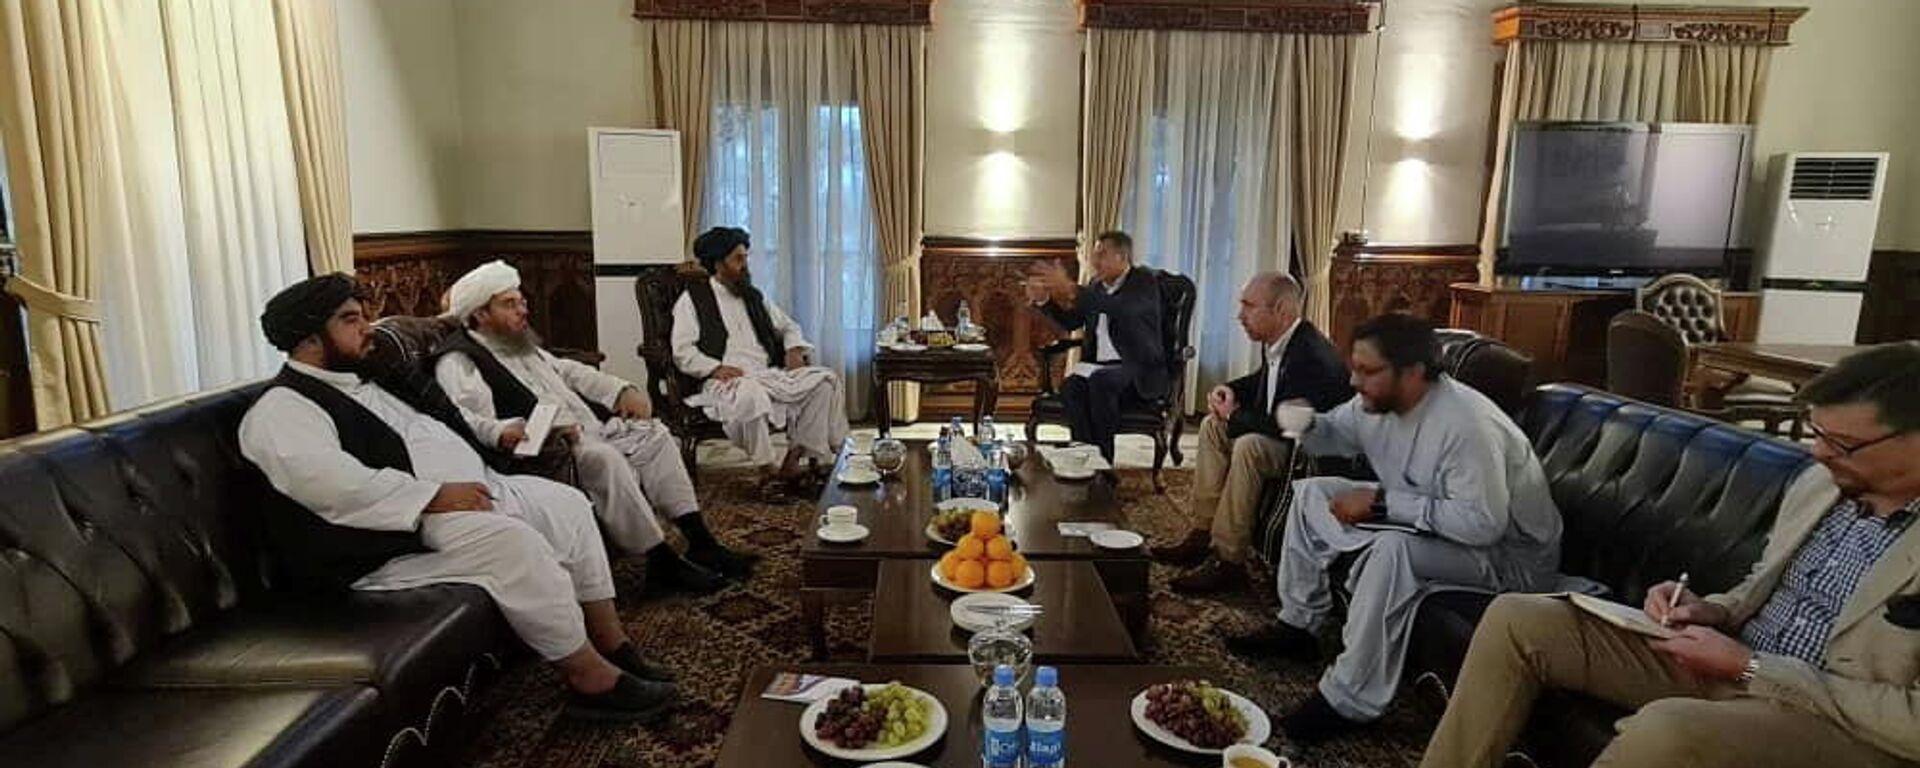 Мулла Барадар, глава политического офиса талибов, встречается с членами Красного Креста в Кабуле - Sputnik Таджикистан, 1920, 08.09.2021